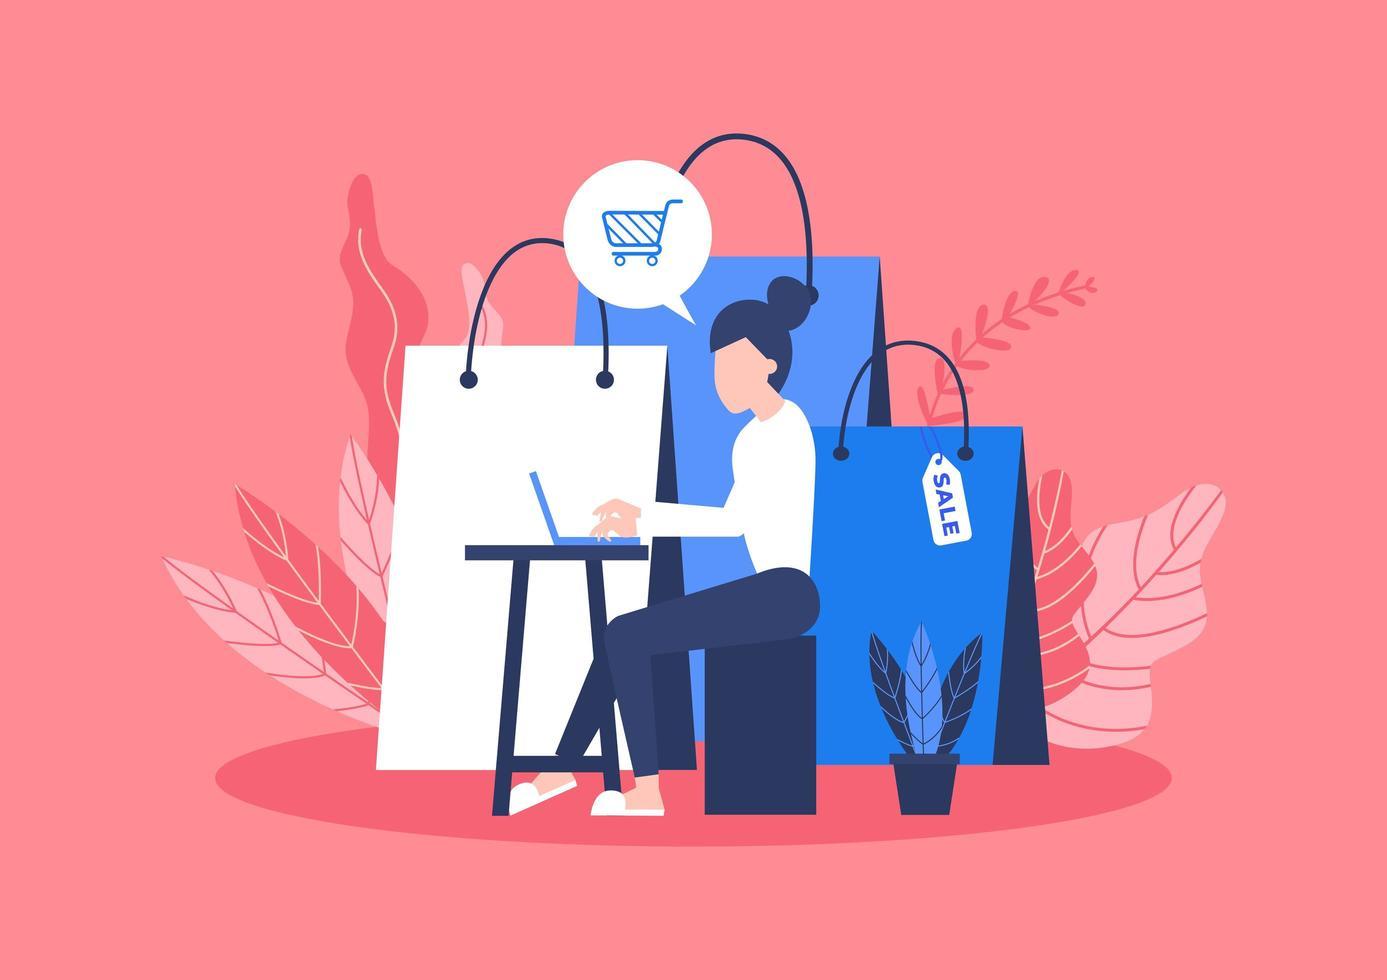 femme assise avec un sac de marchandises provenant des achats en ligne vecteur